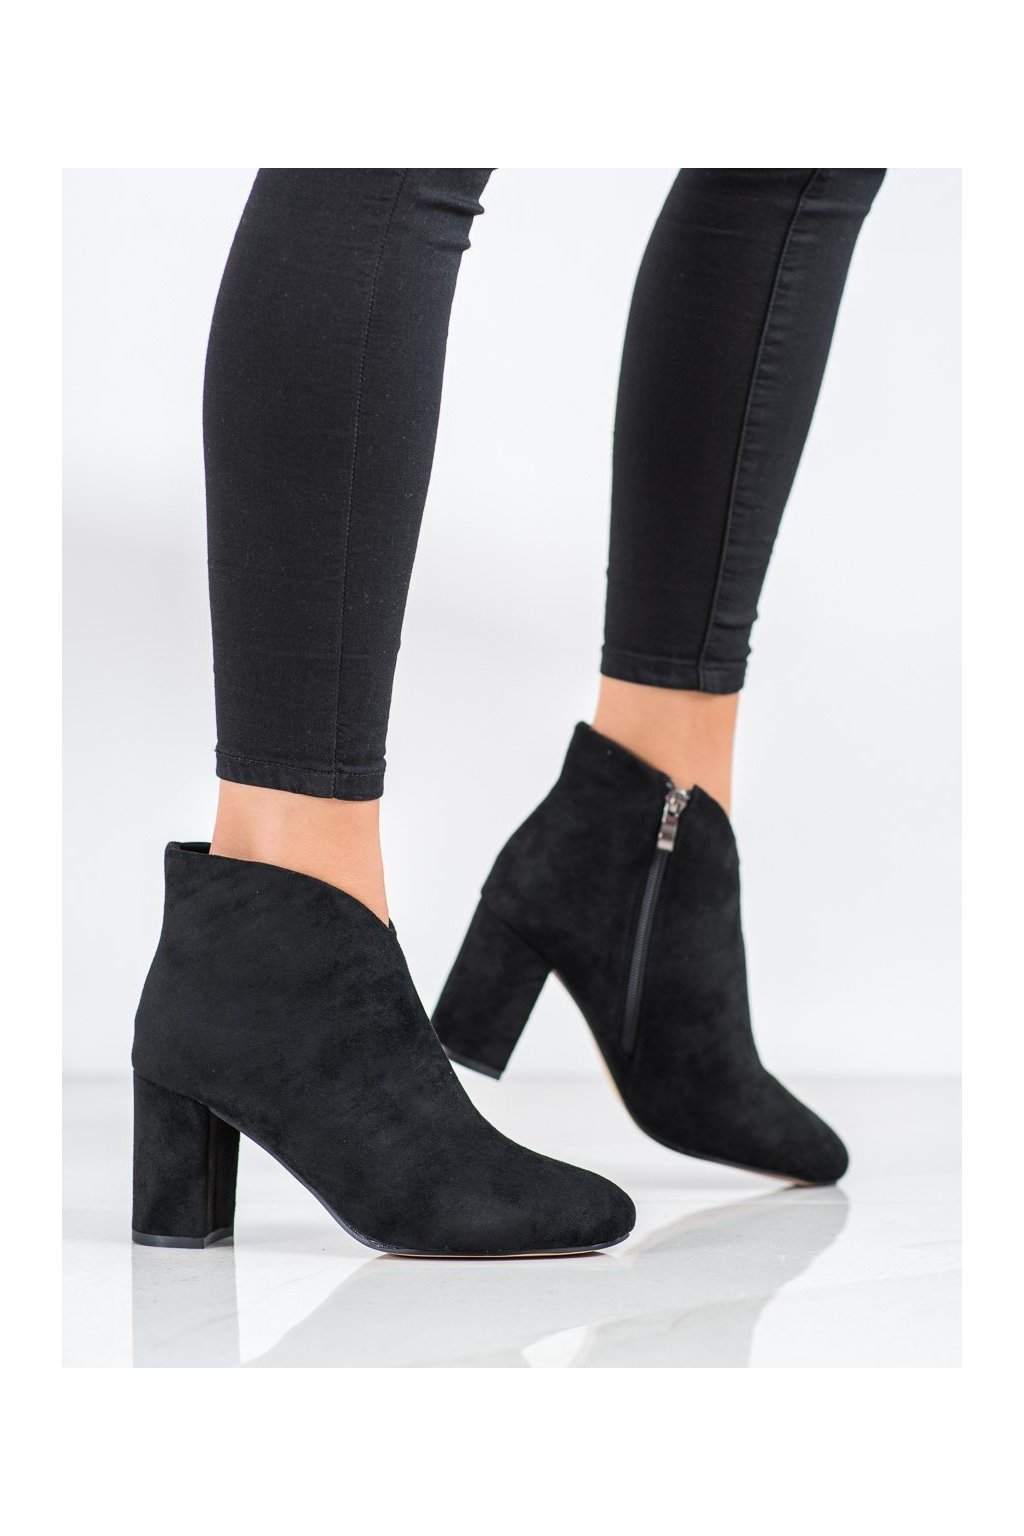 Čierne dámske topánky Shelovet kod W63018B